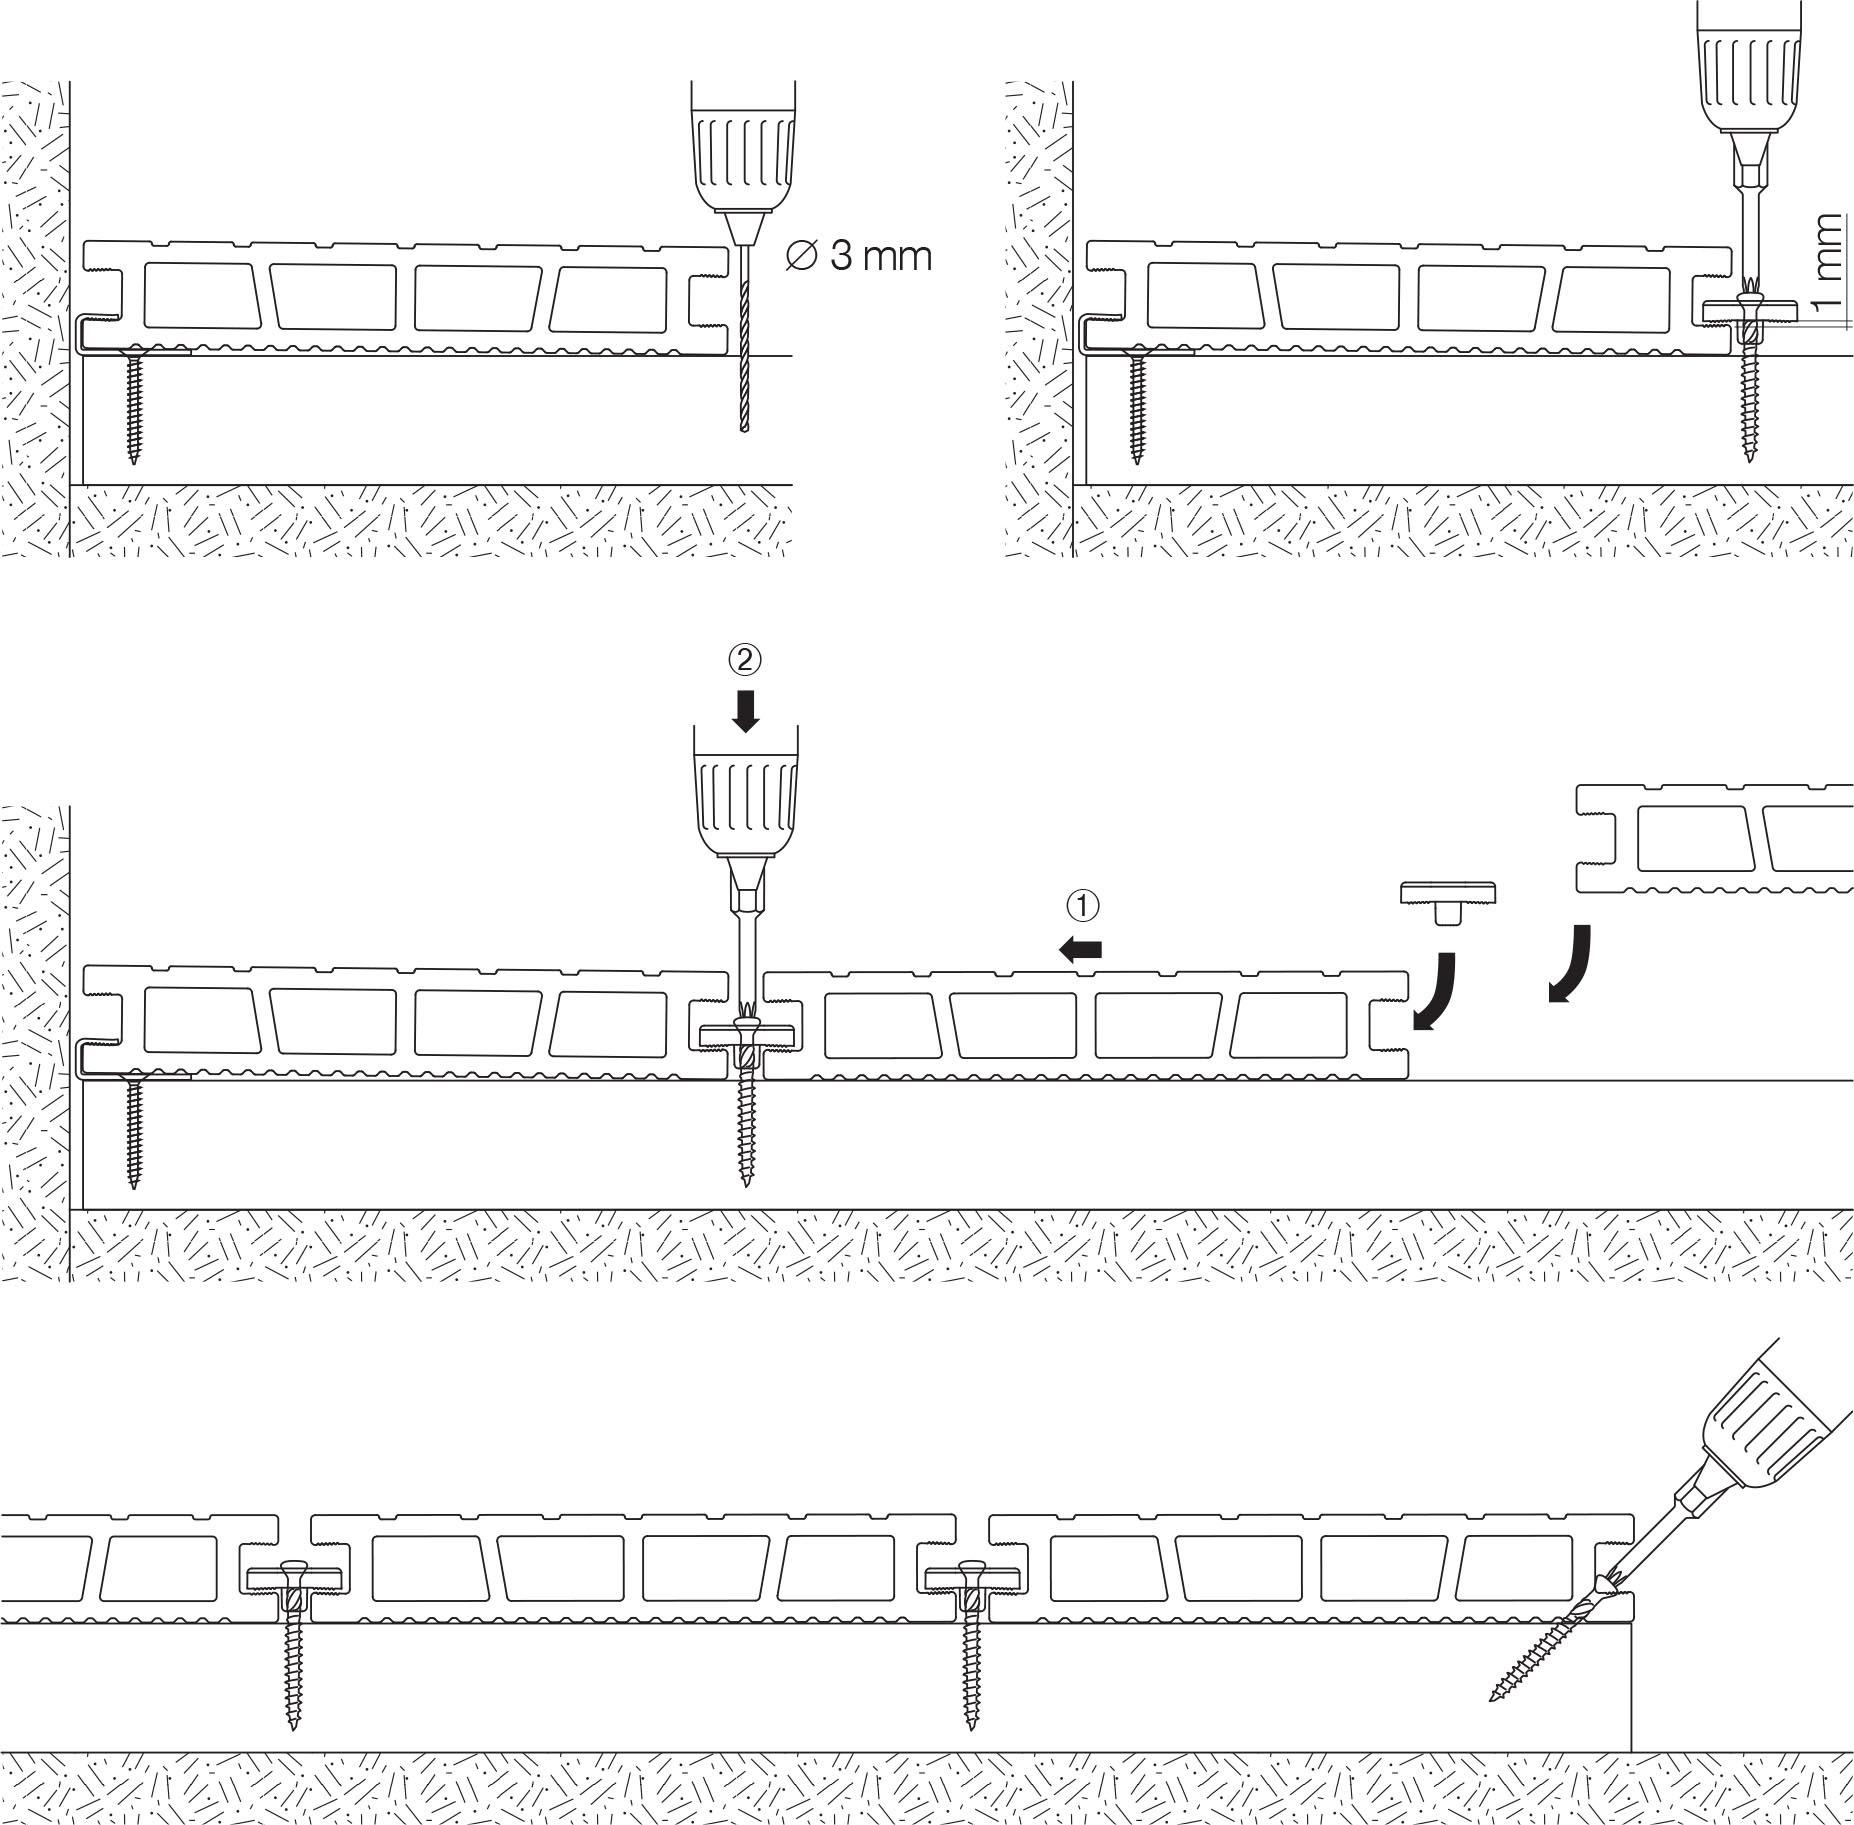 Instrukcja Montażu Rozszerzona Bergdeck Kompozytowe